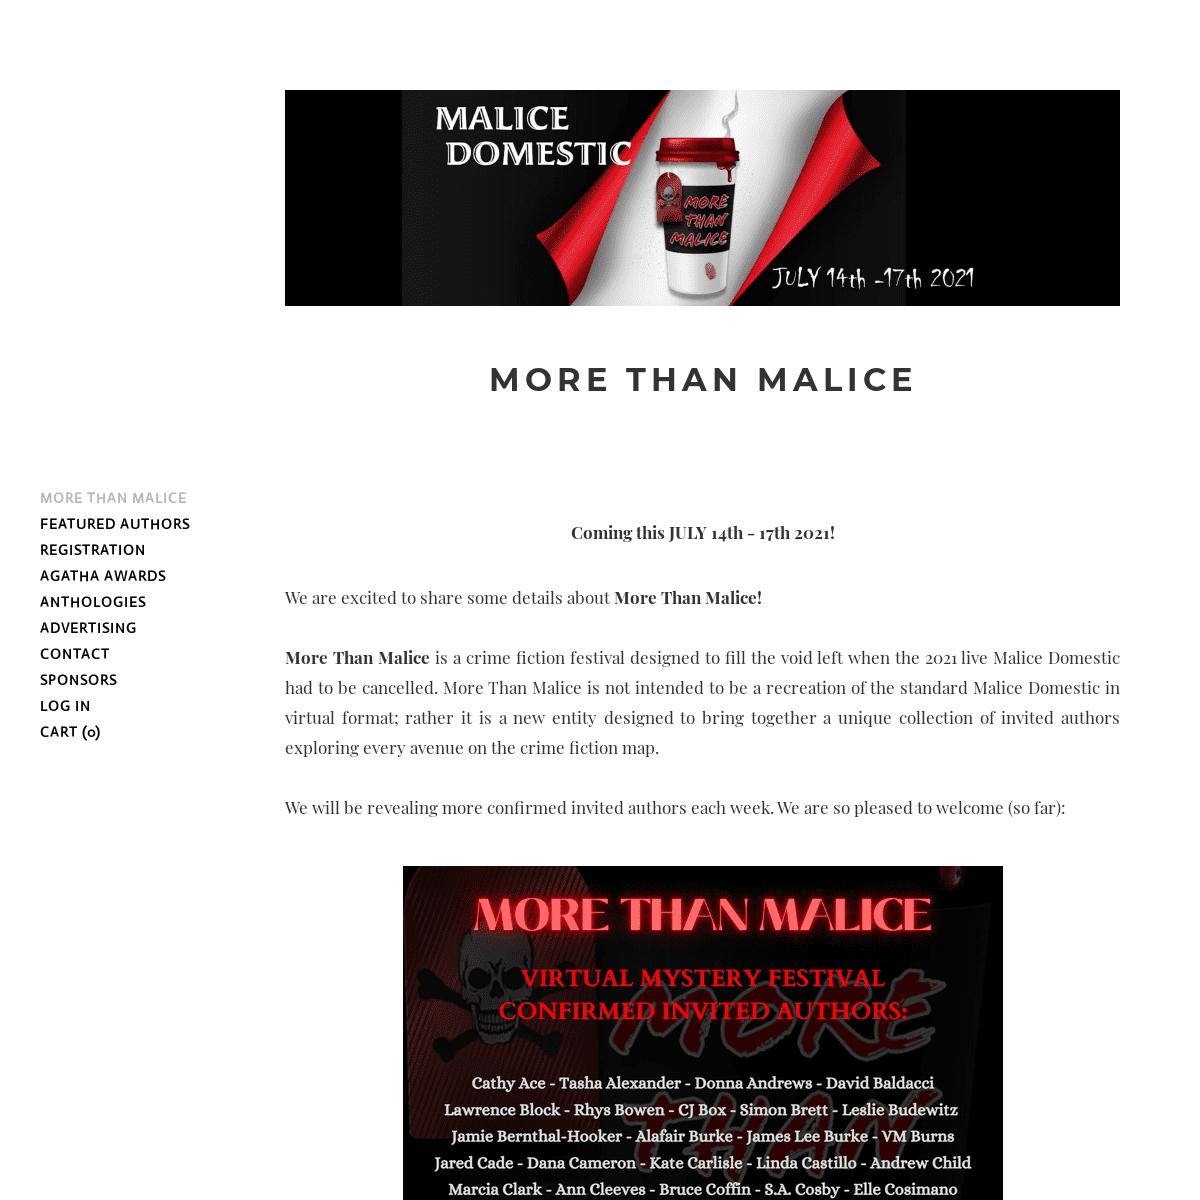 Malice Domestic